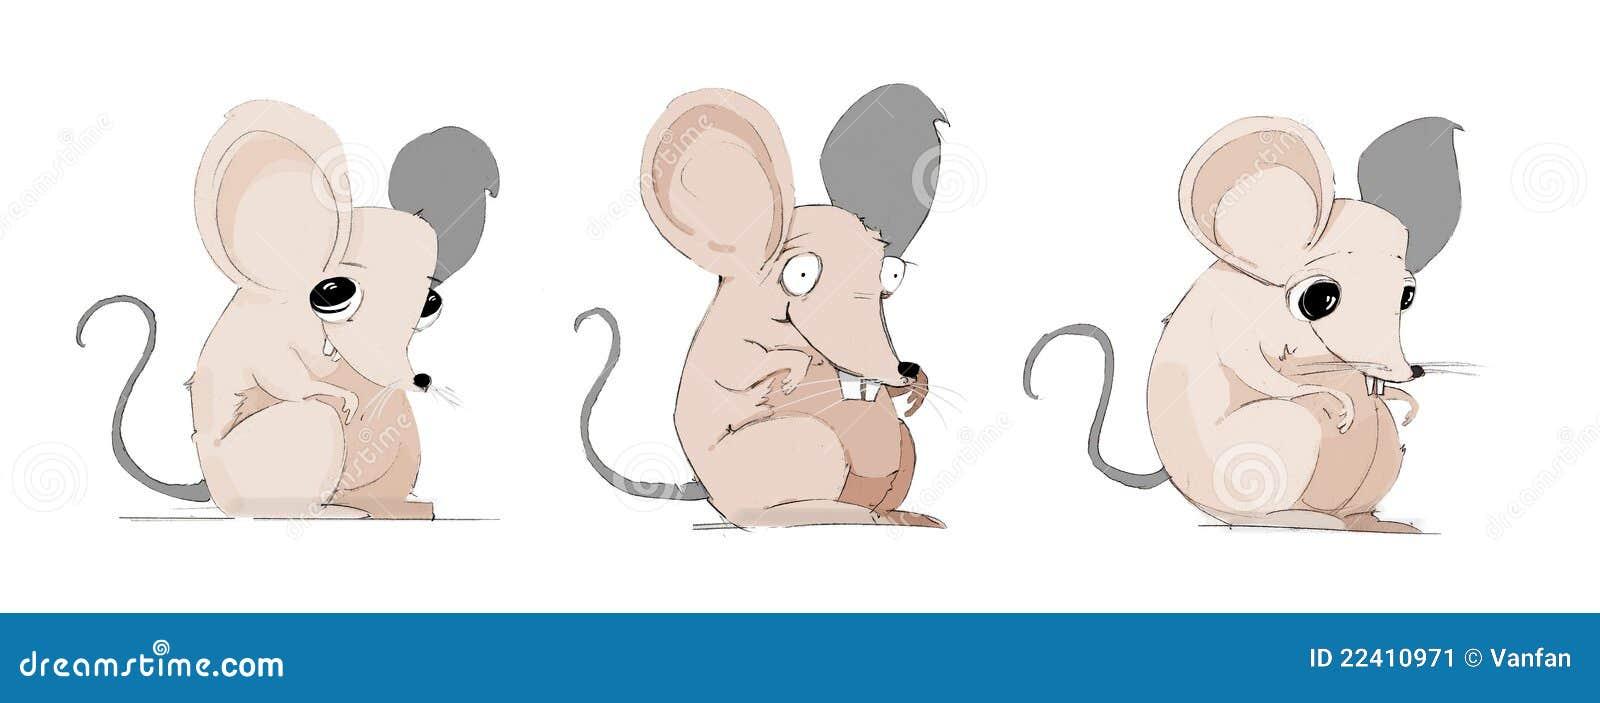 Кот и мыши рисованные